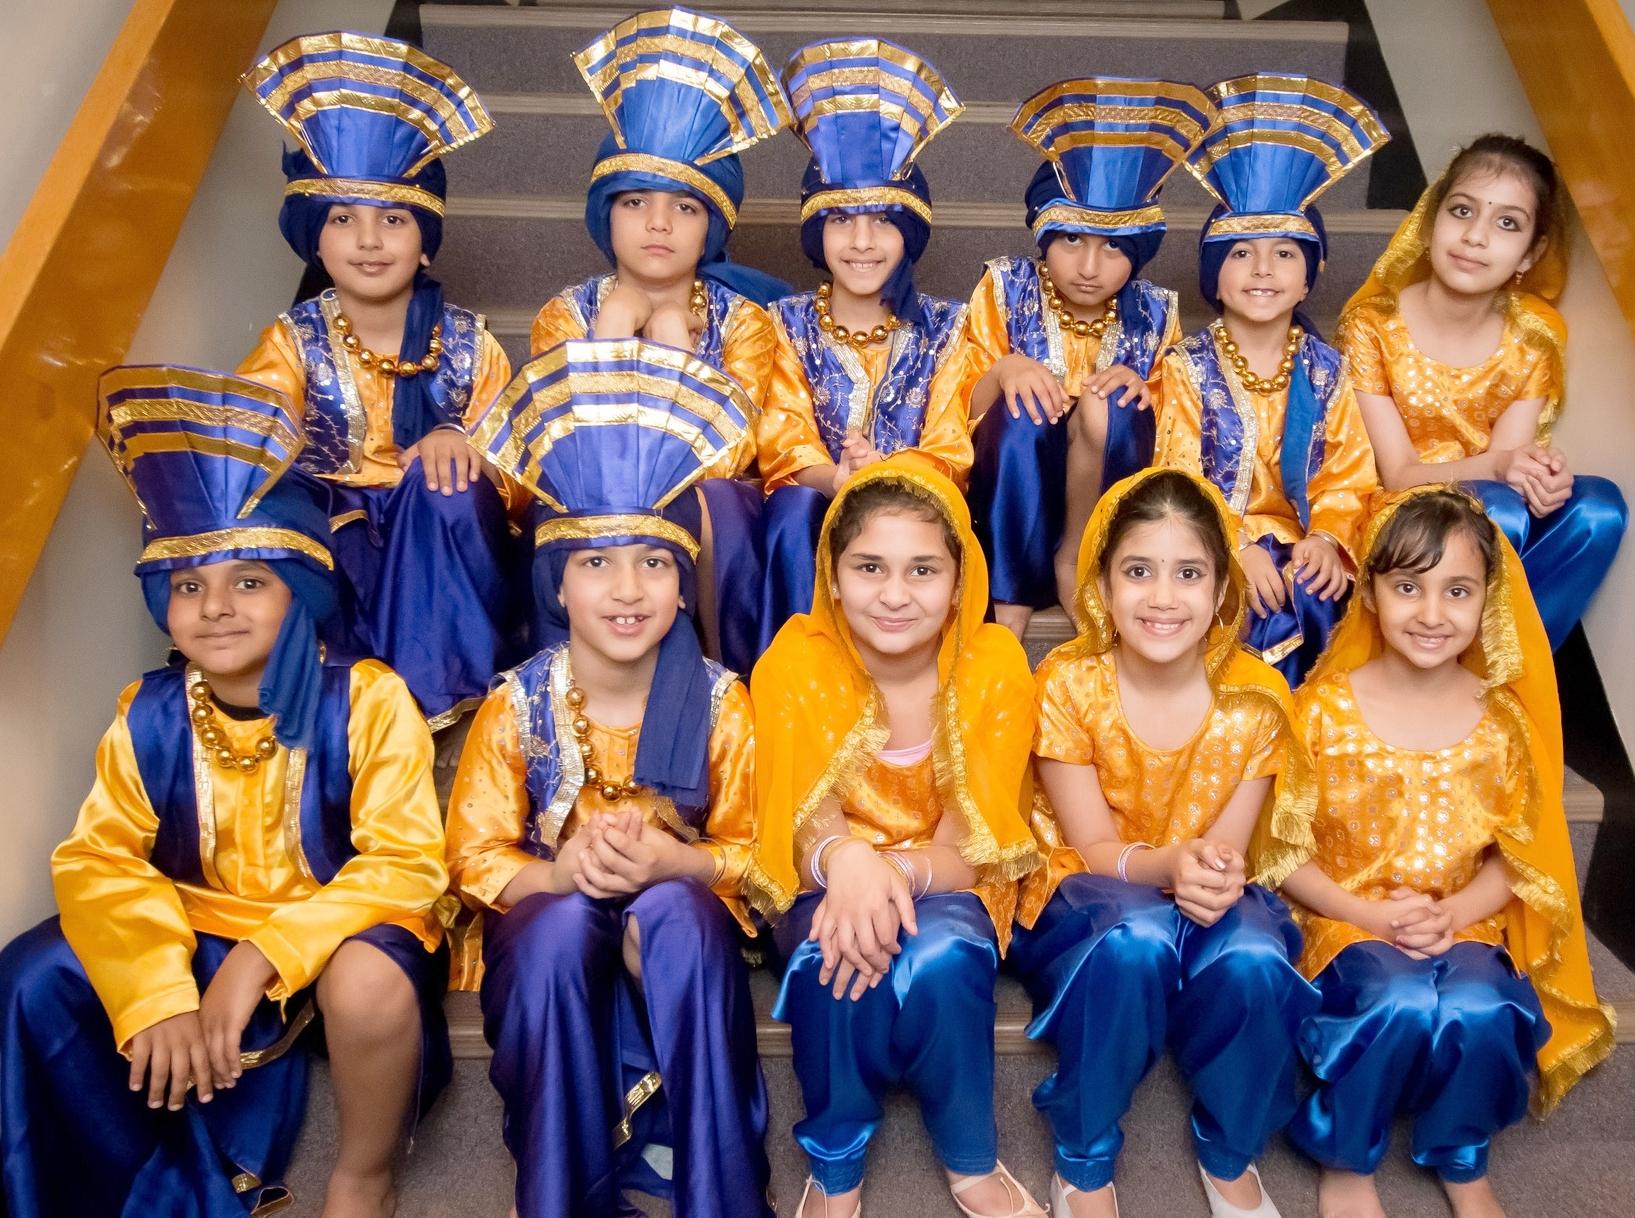 20160403 - Shan-e-Punjab Vaisakhi-0005.jpg